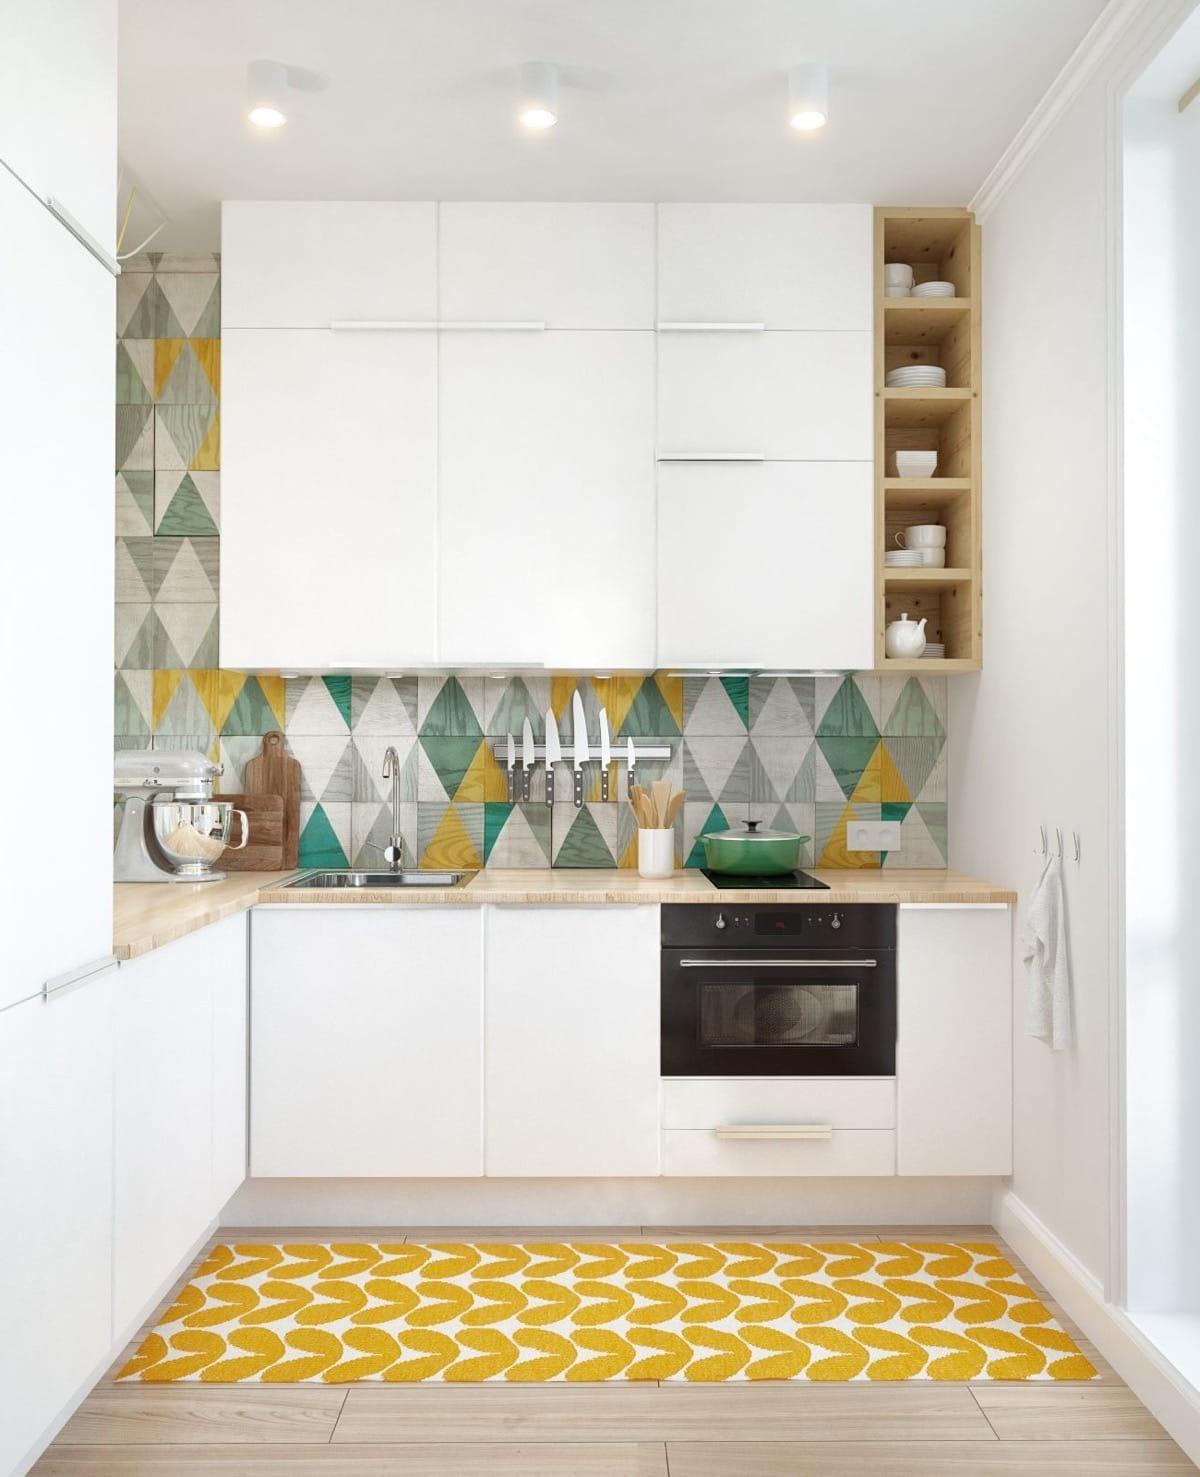 La couleur des murs et la conception de la façade jouent un rôle important pour organiser correctement l'agrandissement visuel d'un espace de cuisine étroit.